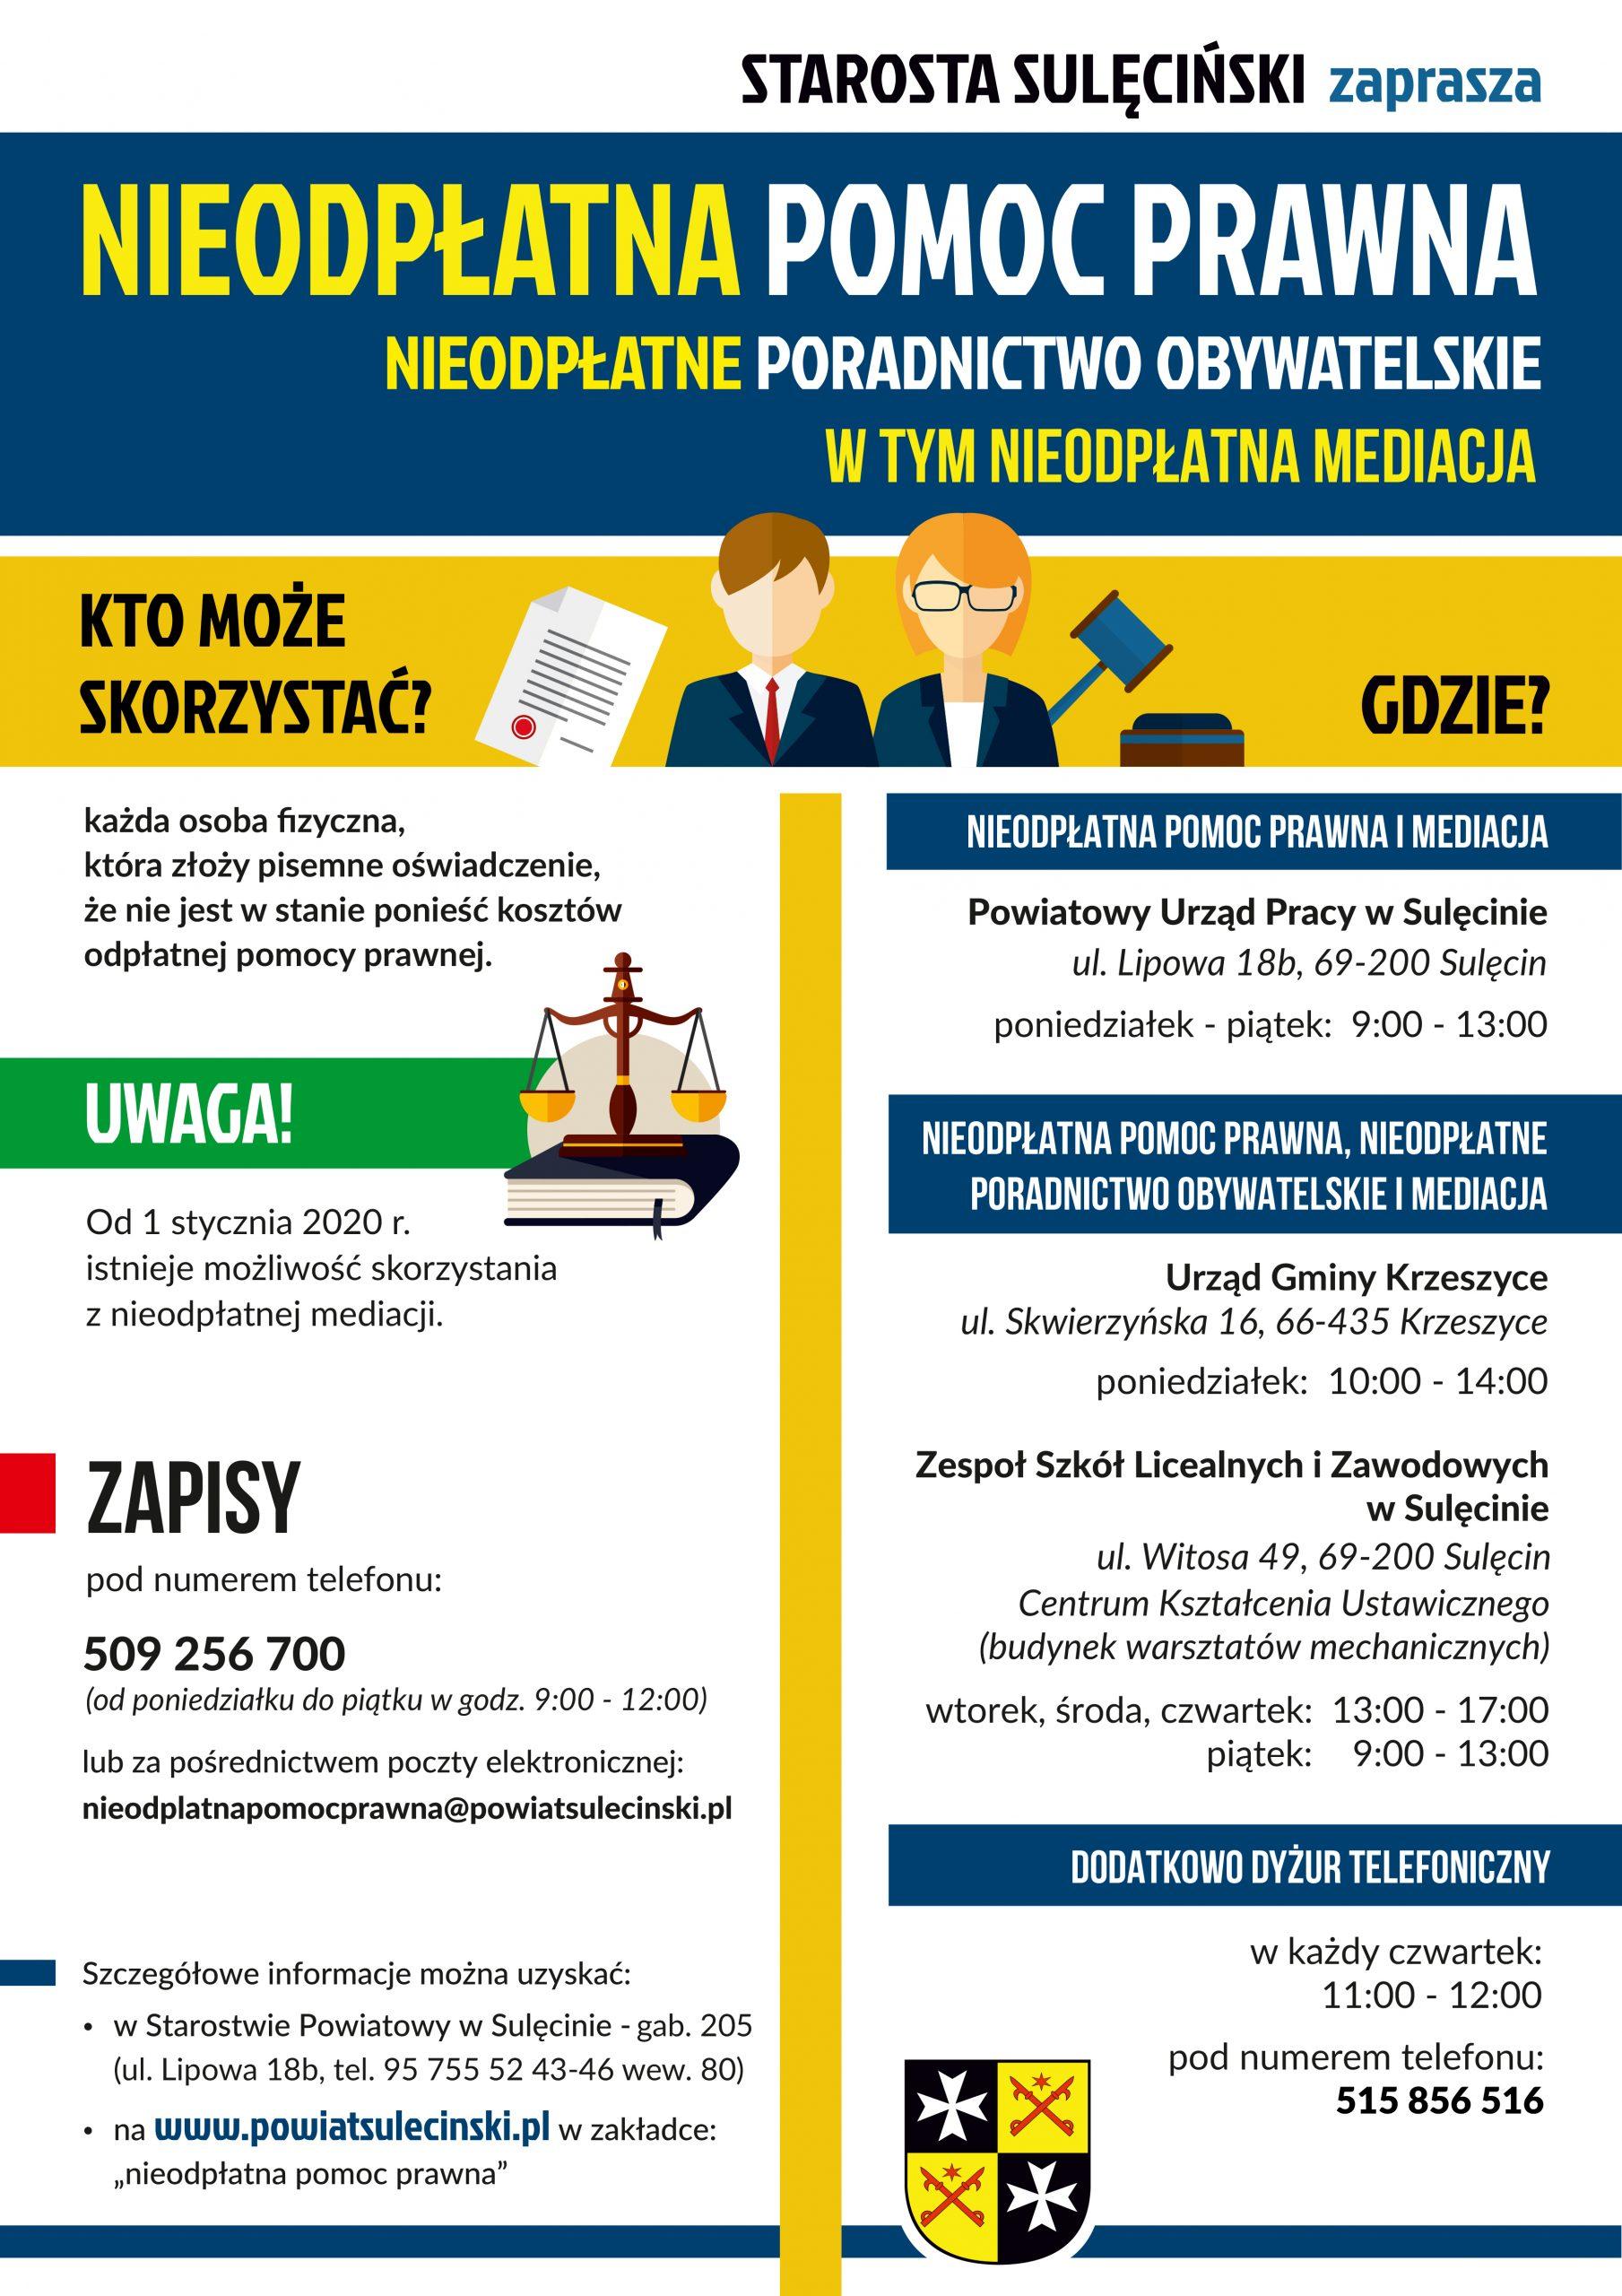 plakat dotczący nieodpłatnej pomocy prawnej